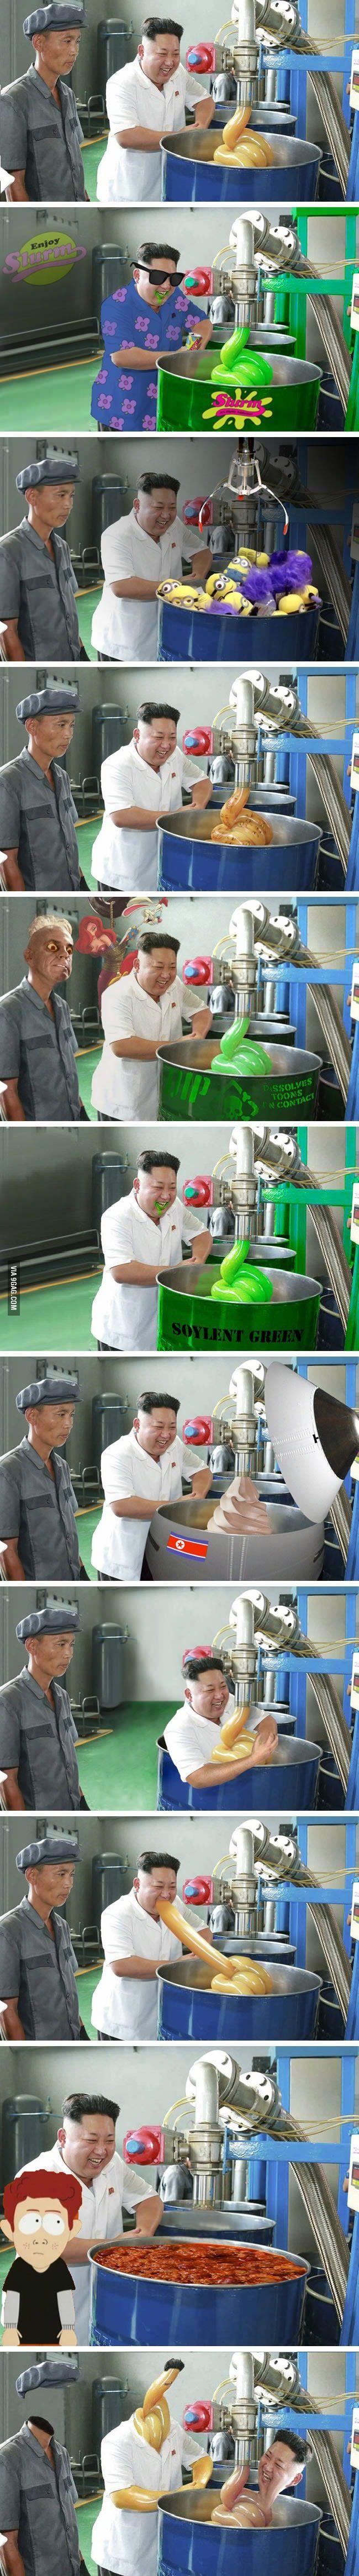 Kim-jung-un-north-korea-meme